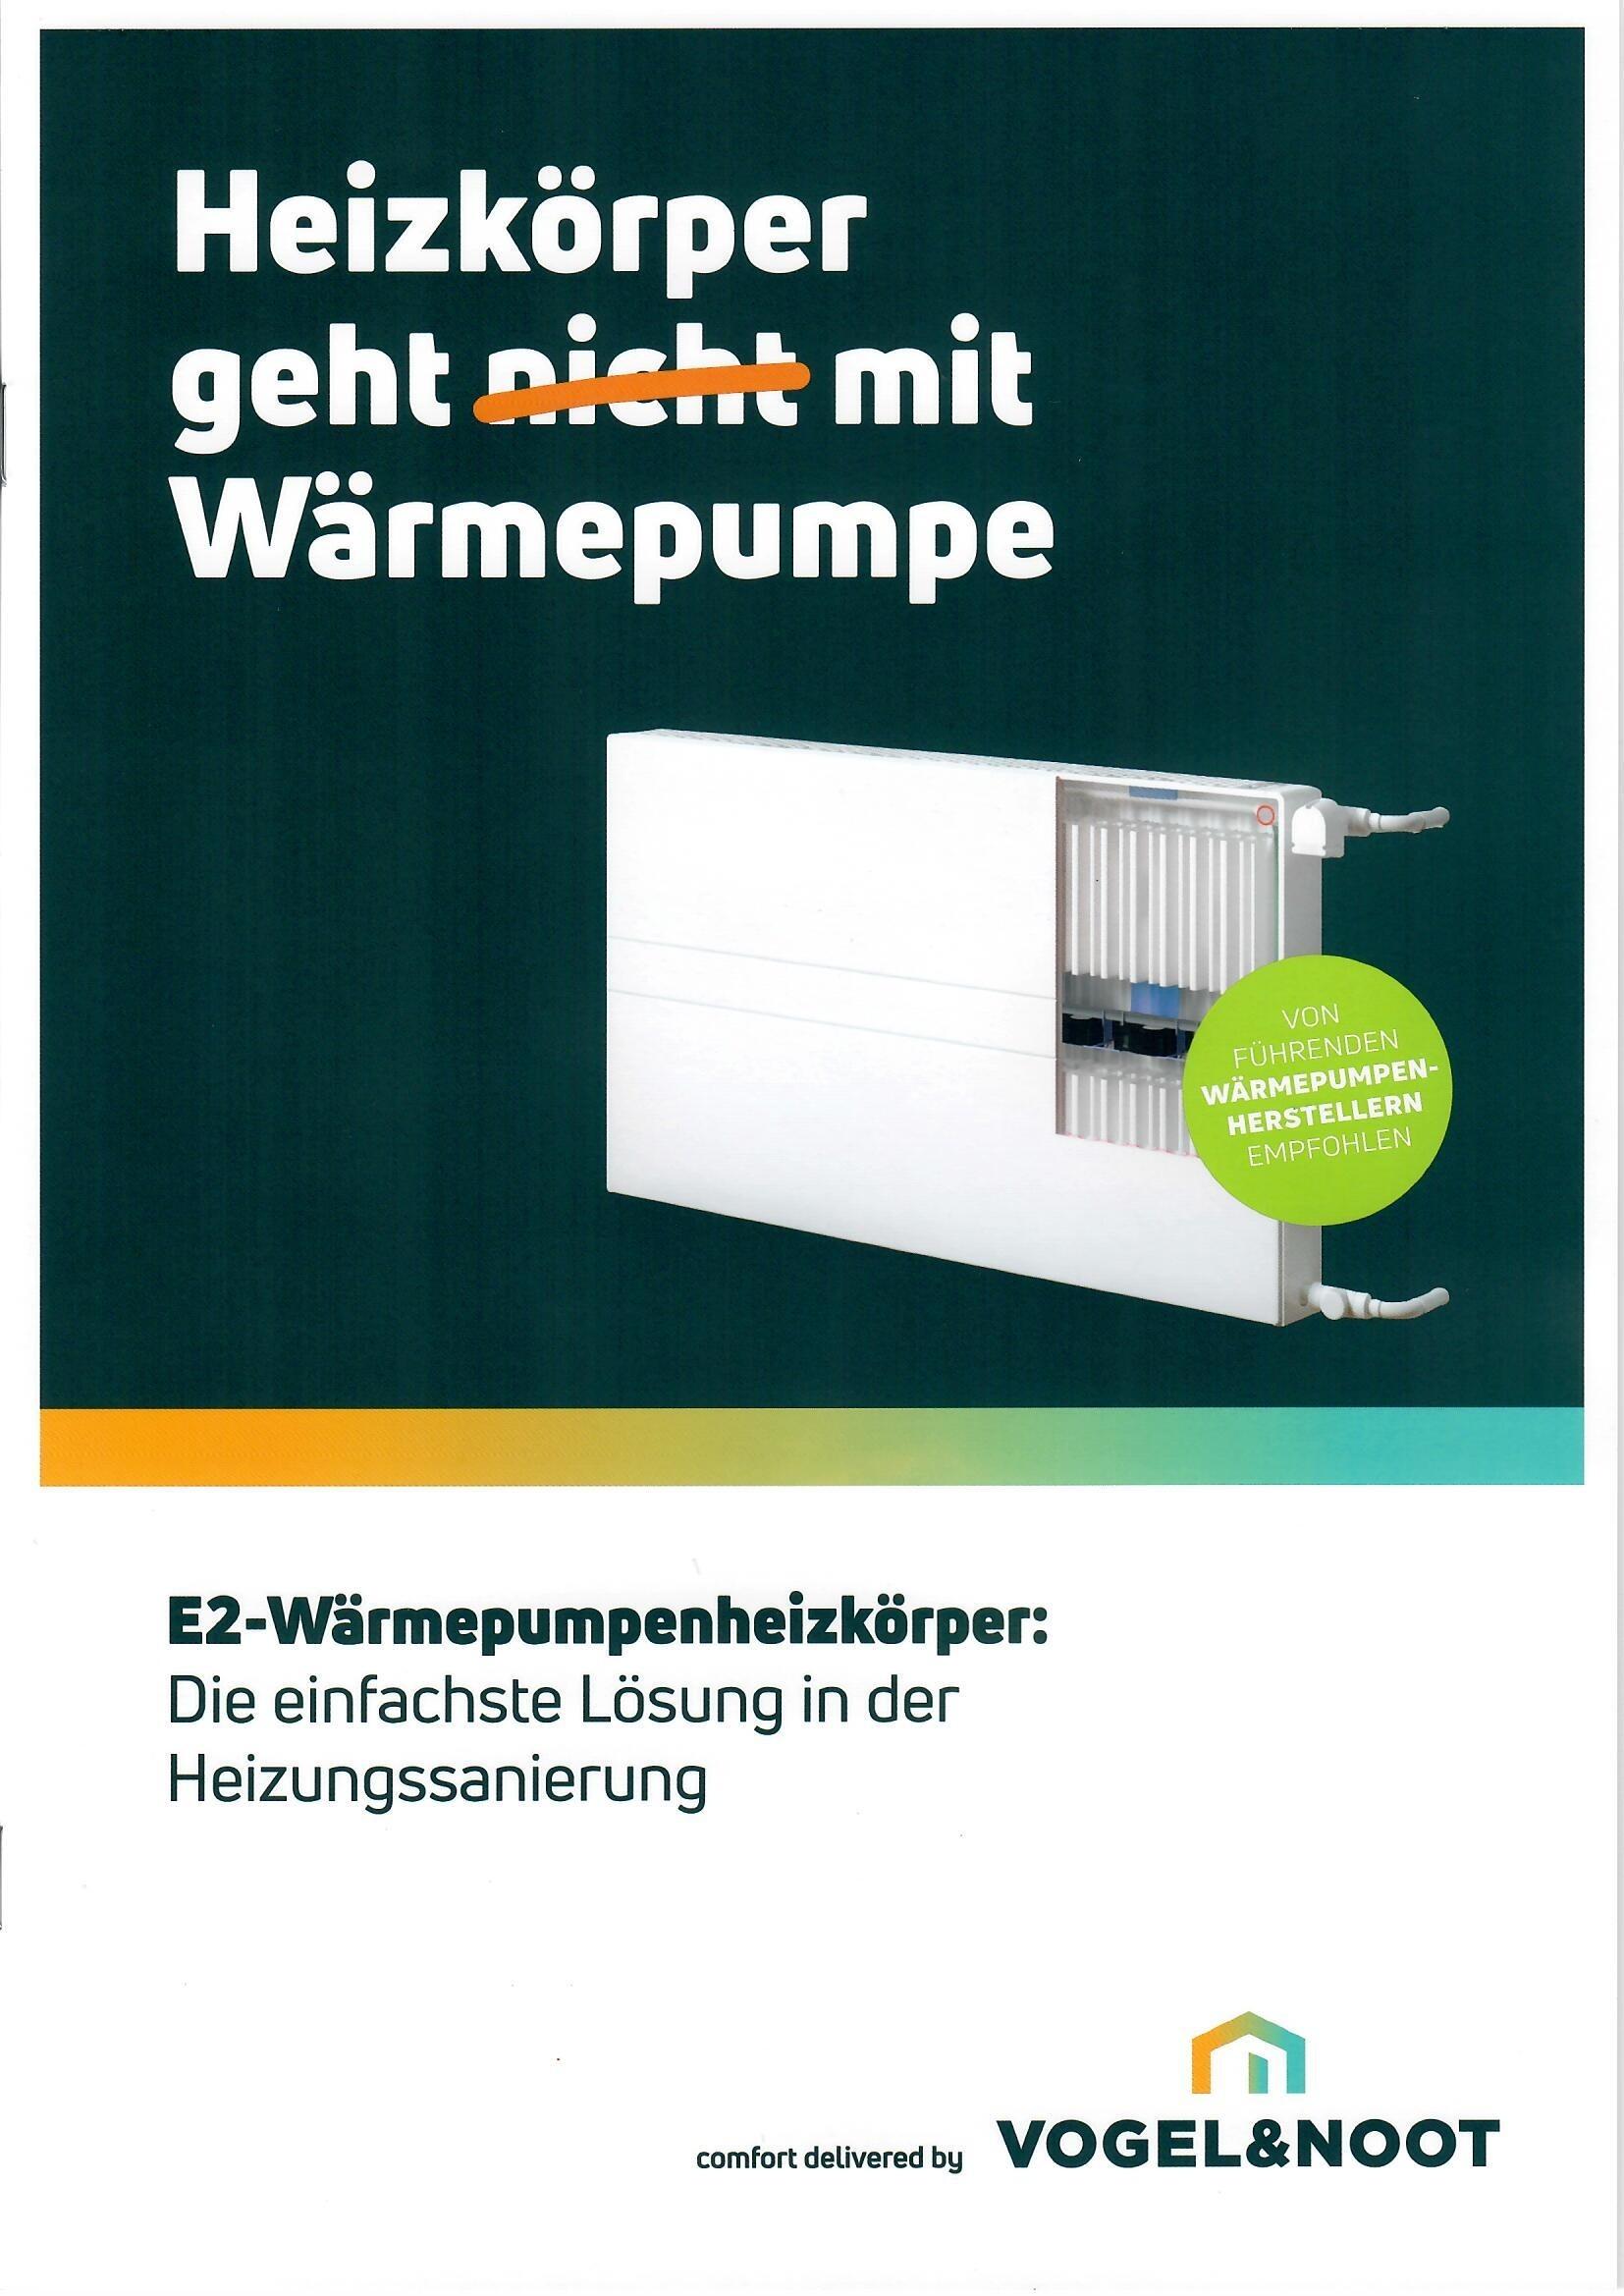 E2-Wärmepumpenheizkörper